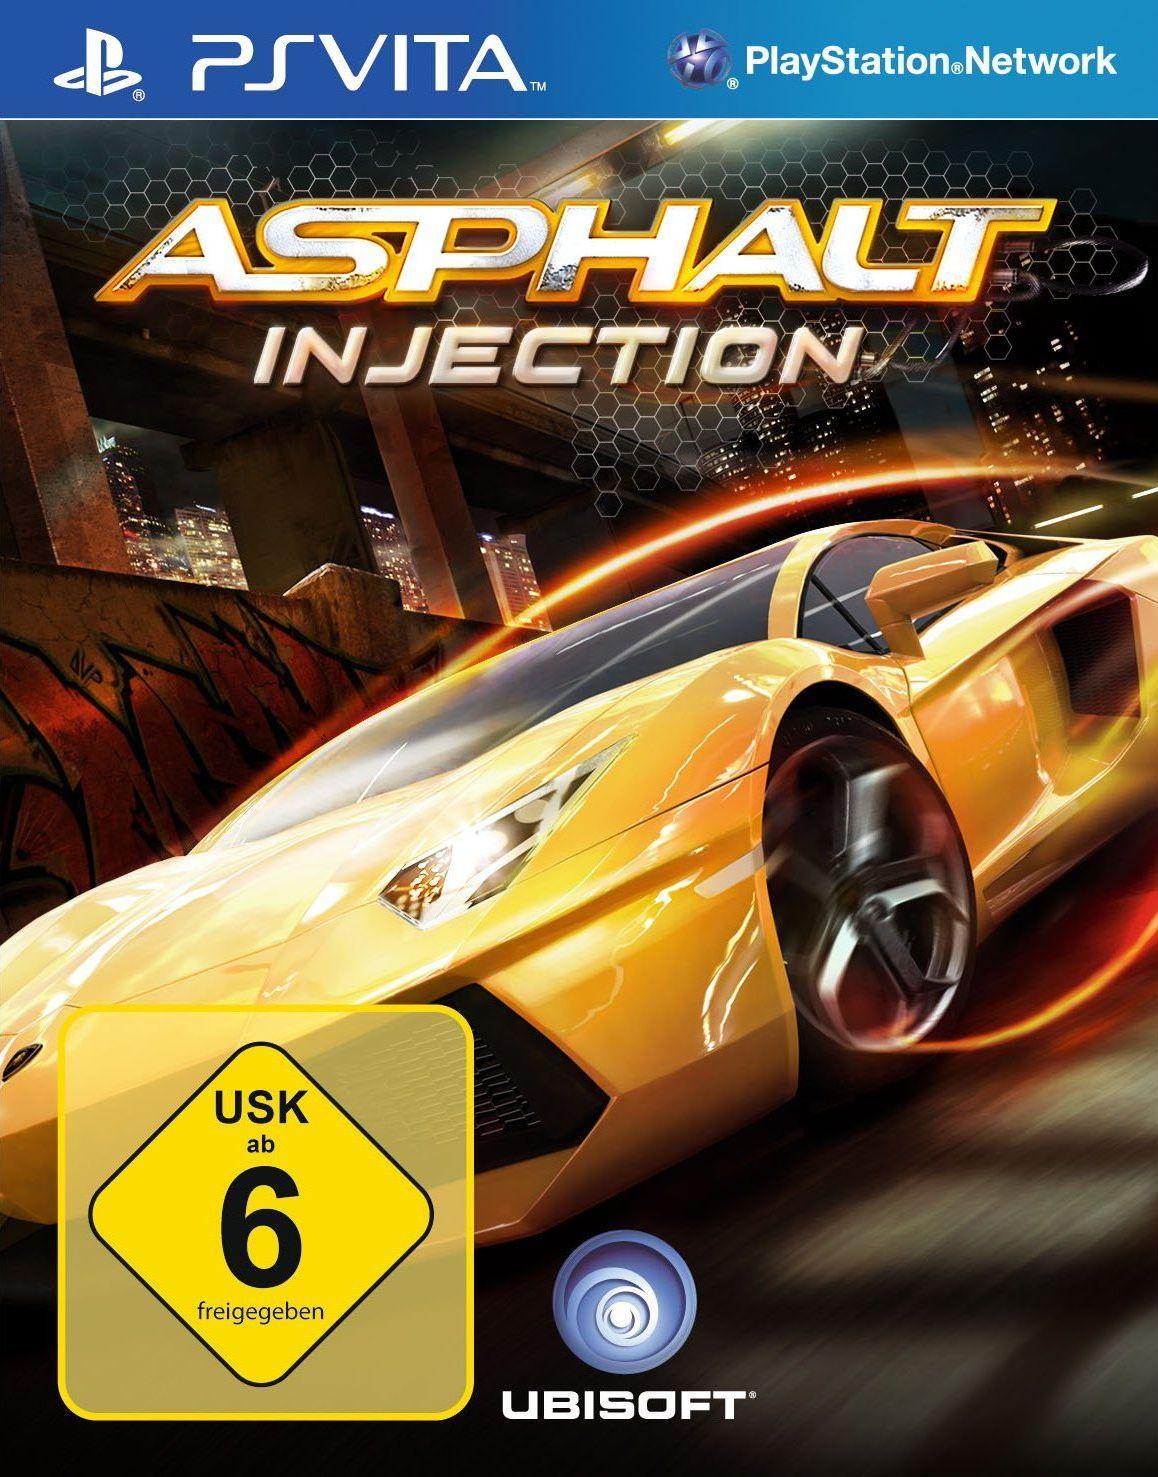 Ein PS Vita Spiel, welches sich sehen lässt